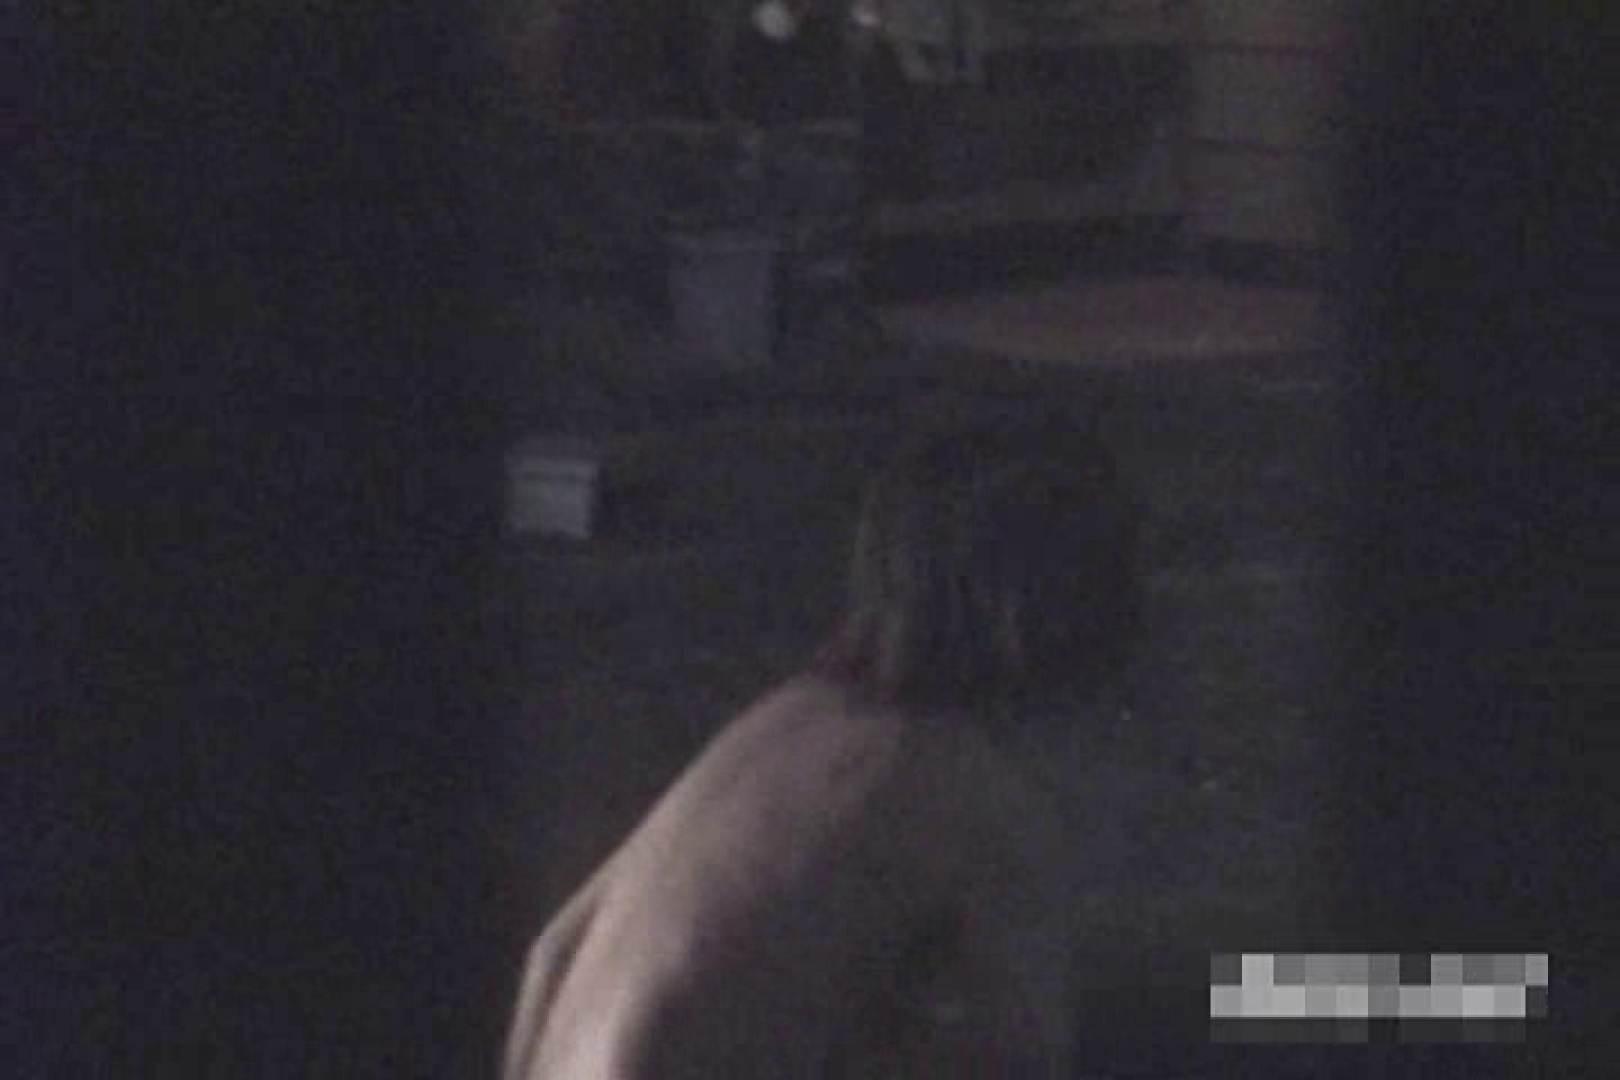 深夜の撮影会Vol.4 巨乳 エロ画像 59画像 46